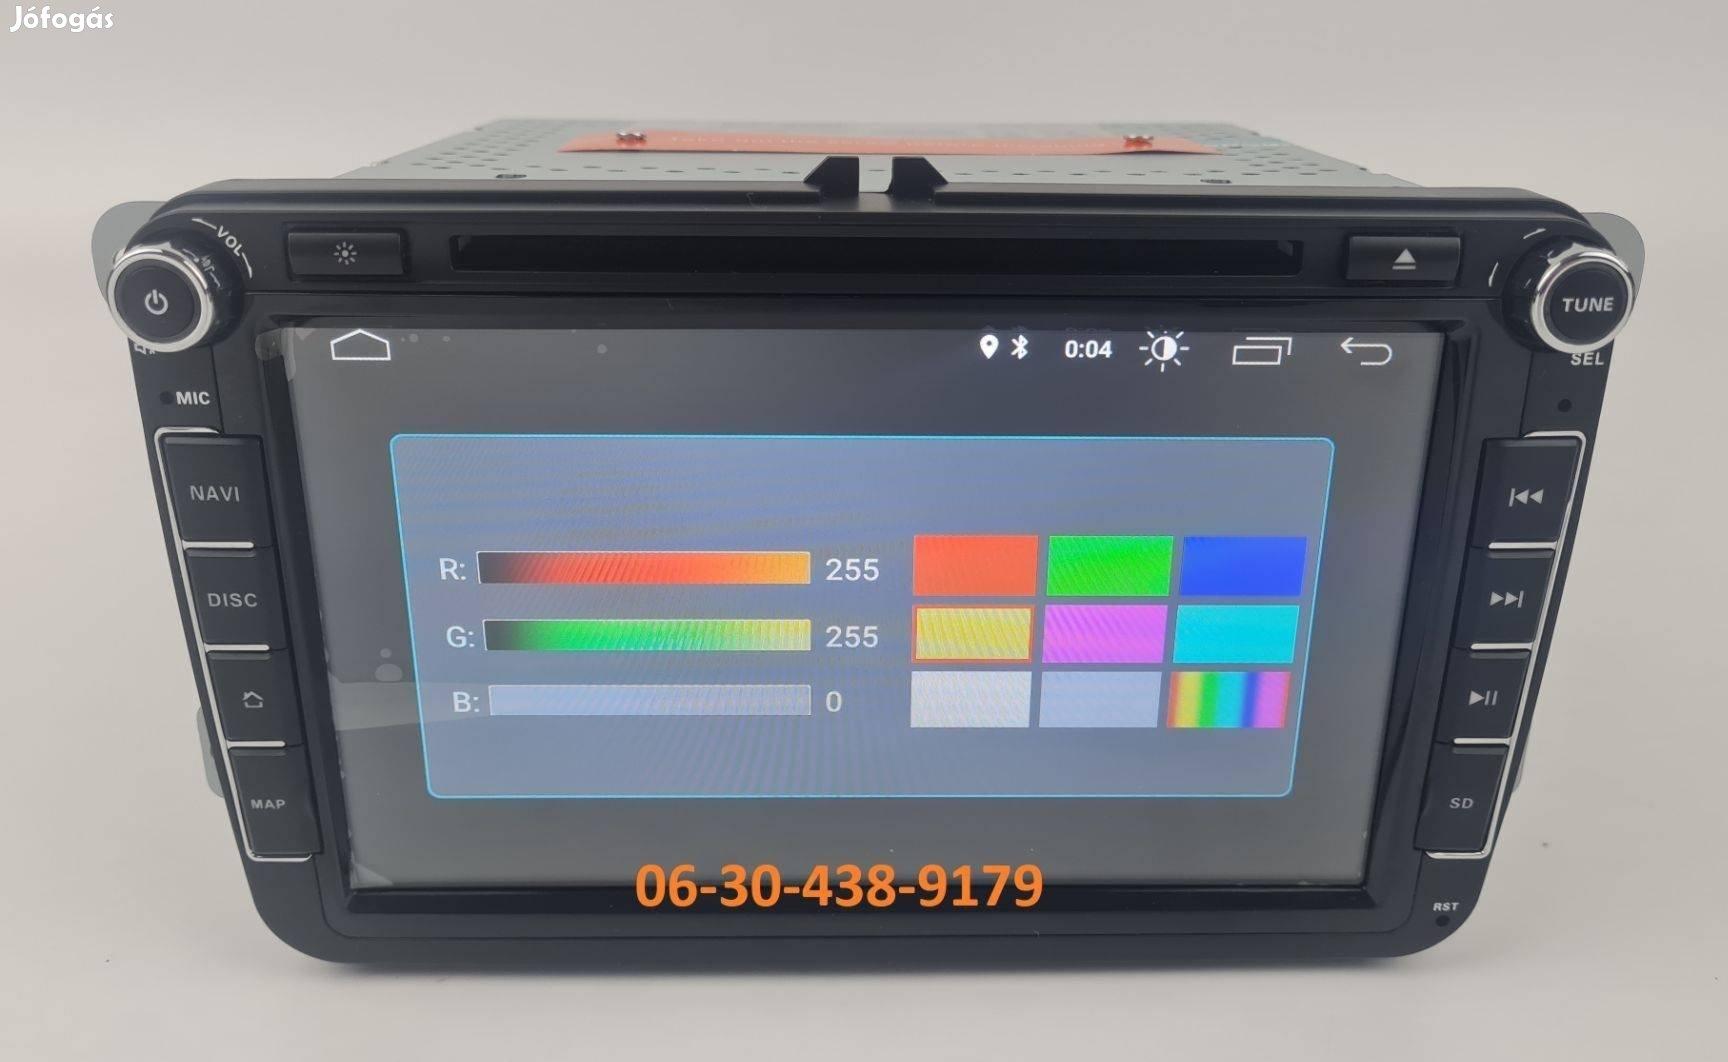 VW / Skoda / Seat Android autórádió fejegység 8colos rádió + Carplay